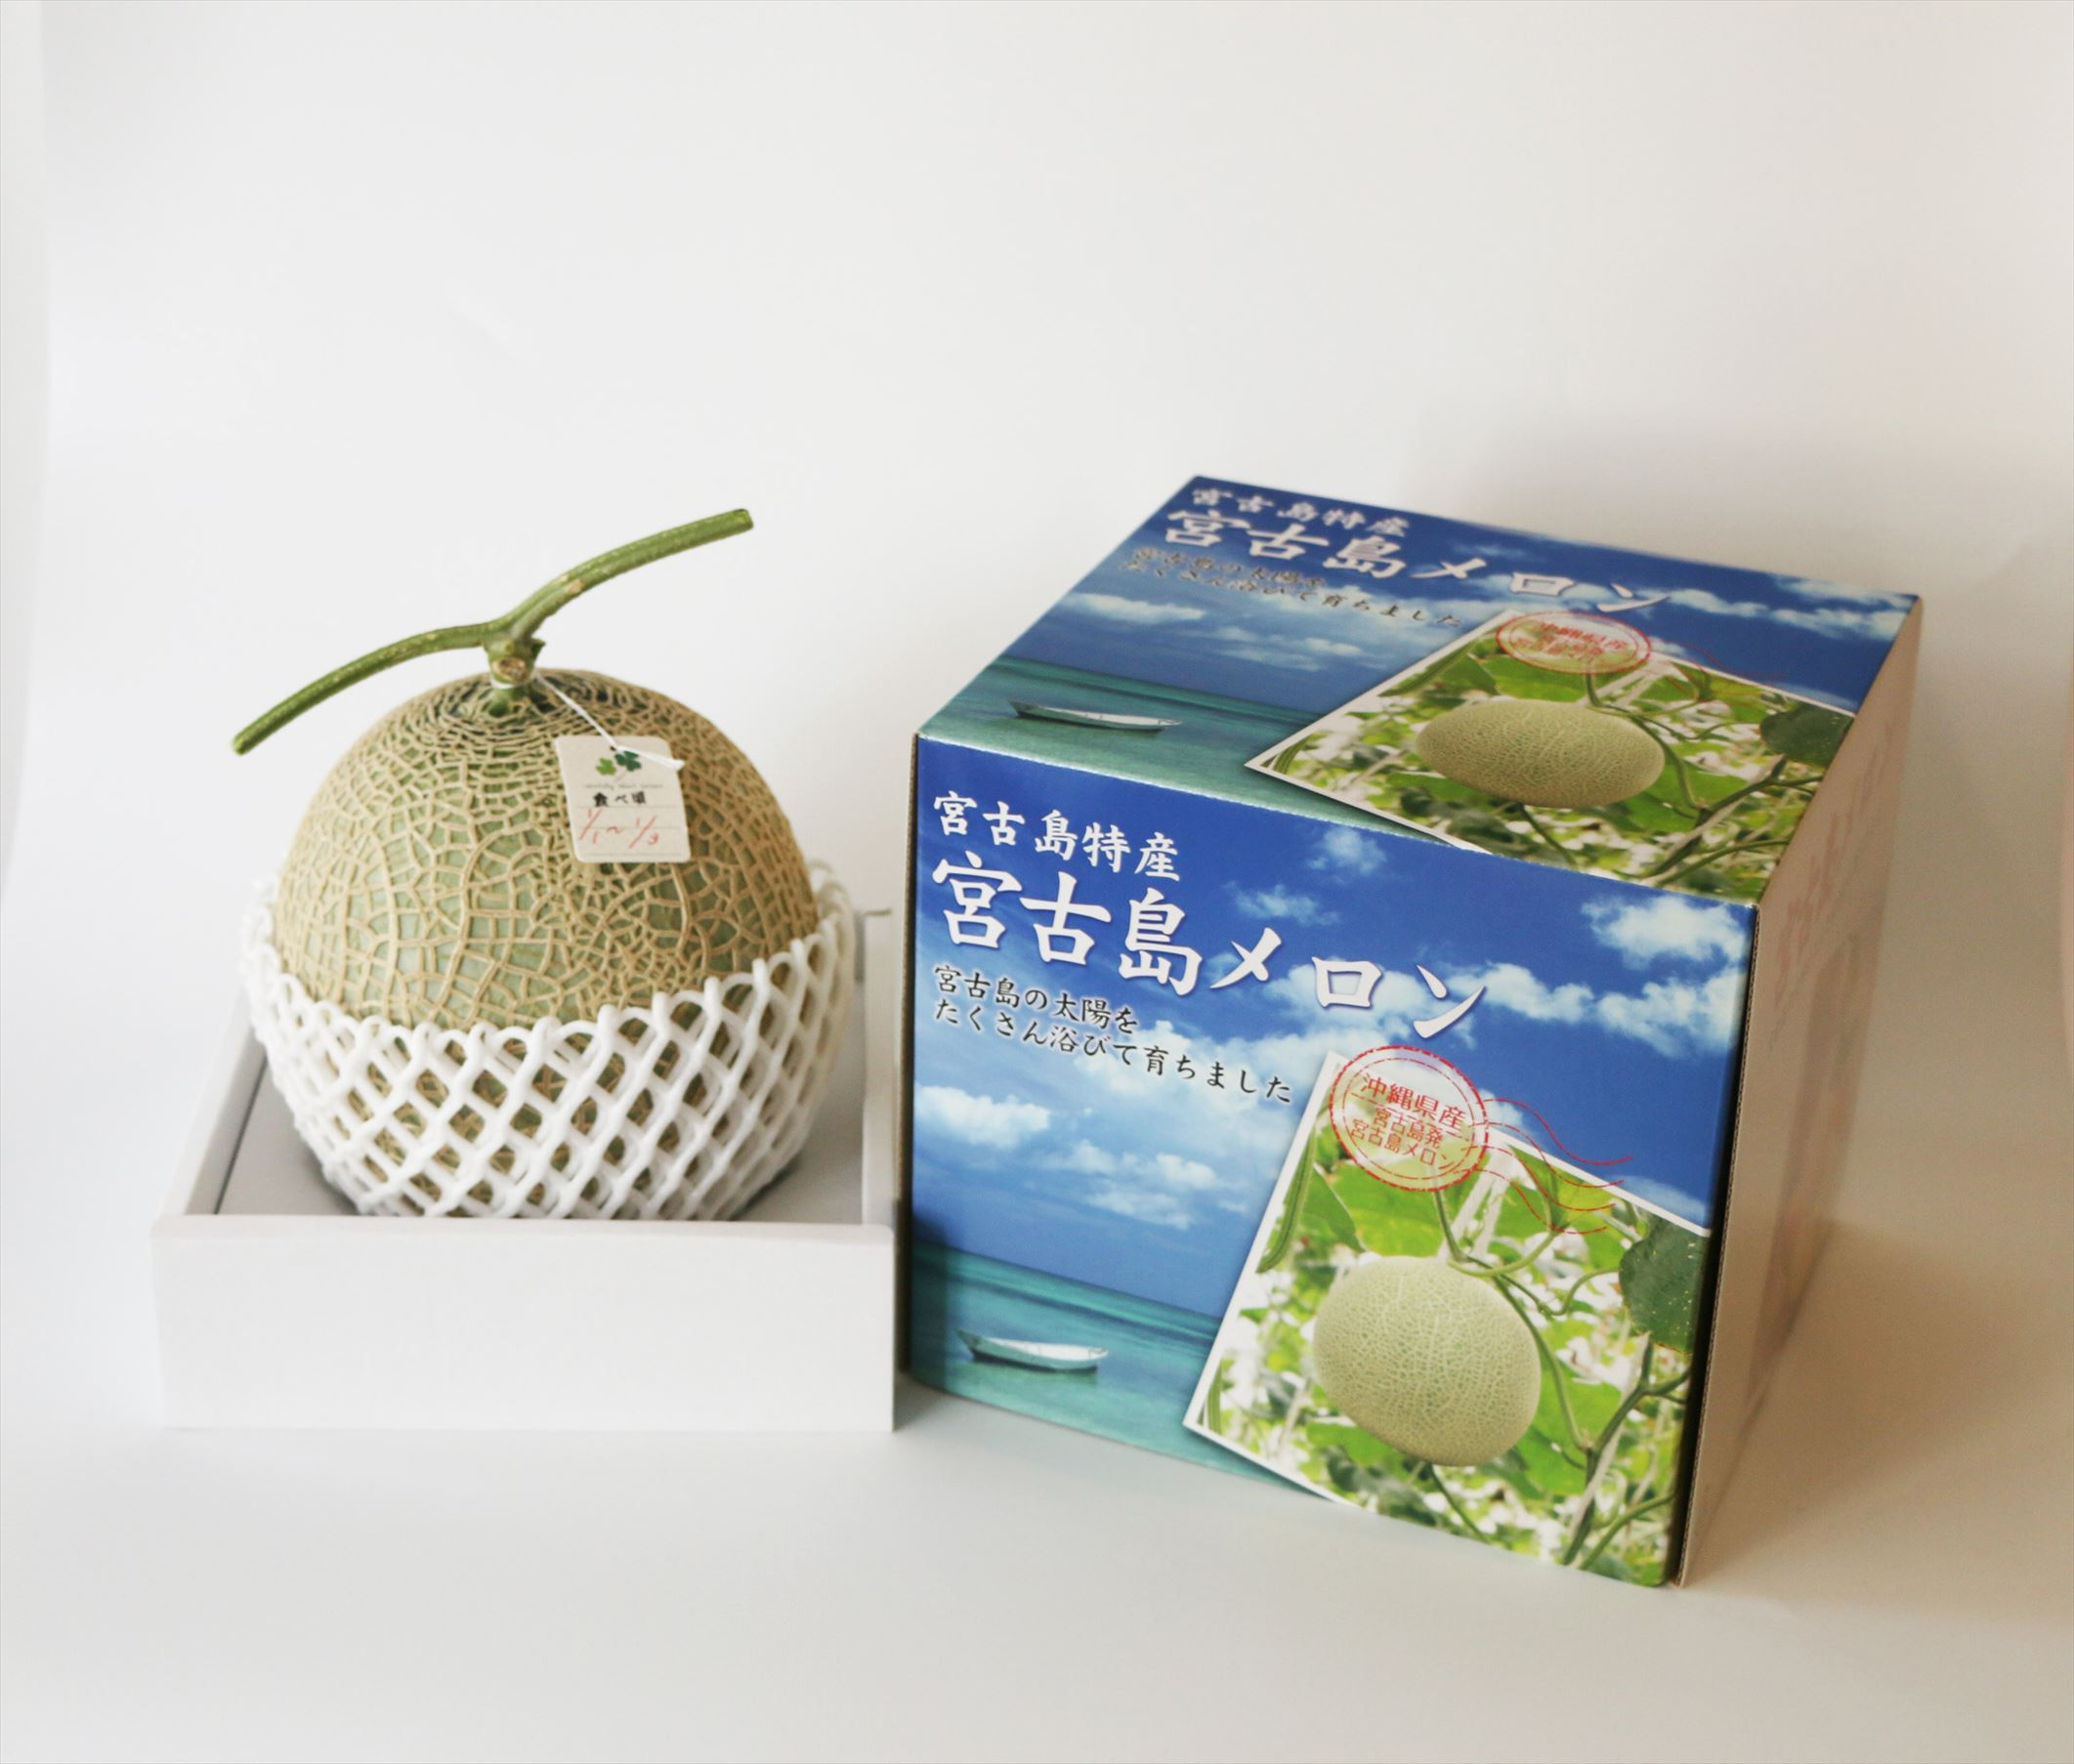 毎年大好評!宮古島冬メロン(3L×1玉)贈答用 冬のギフト